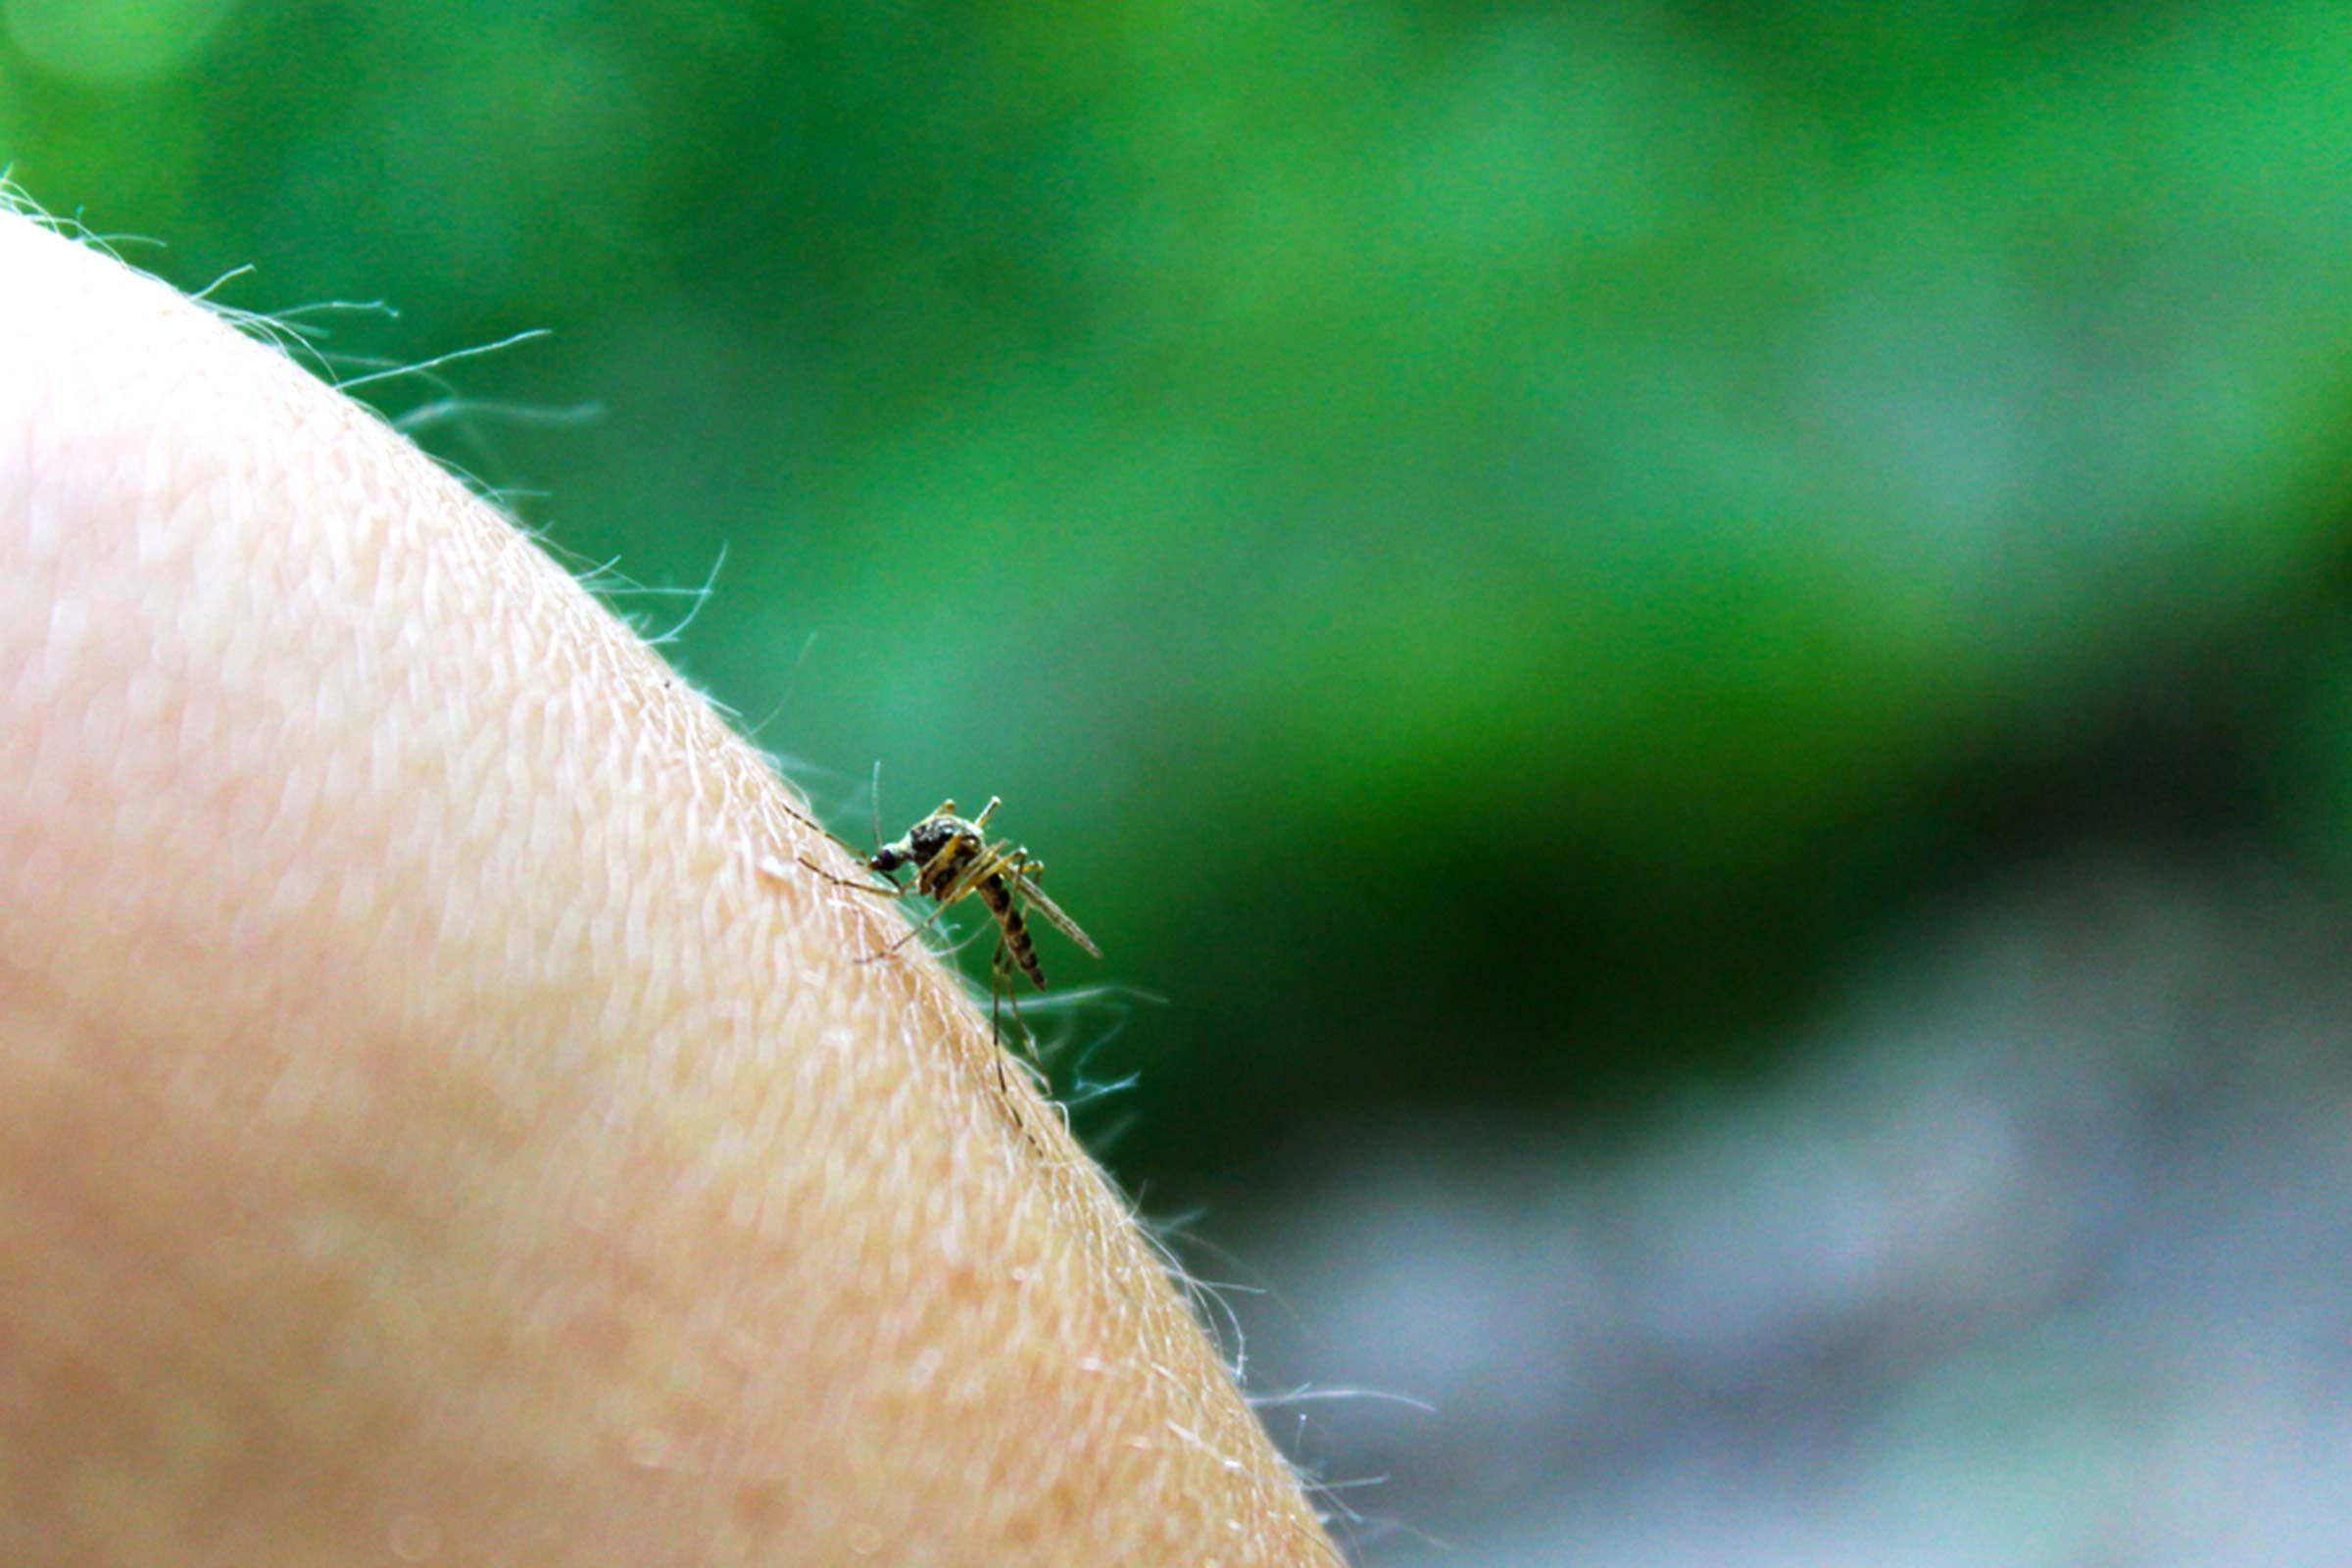 Maladies transmises pas des moustiques: Virus de l'encéphalite équine de l'ouest